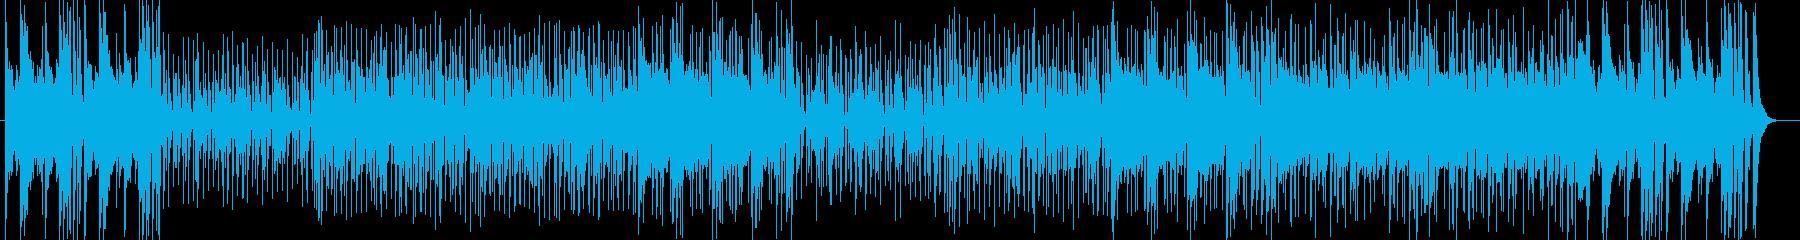 都会的サウンドと心躍るリズムのポップの再生済みの波形